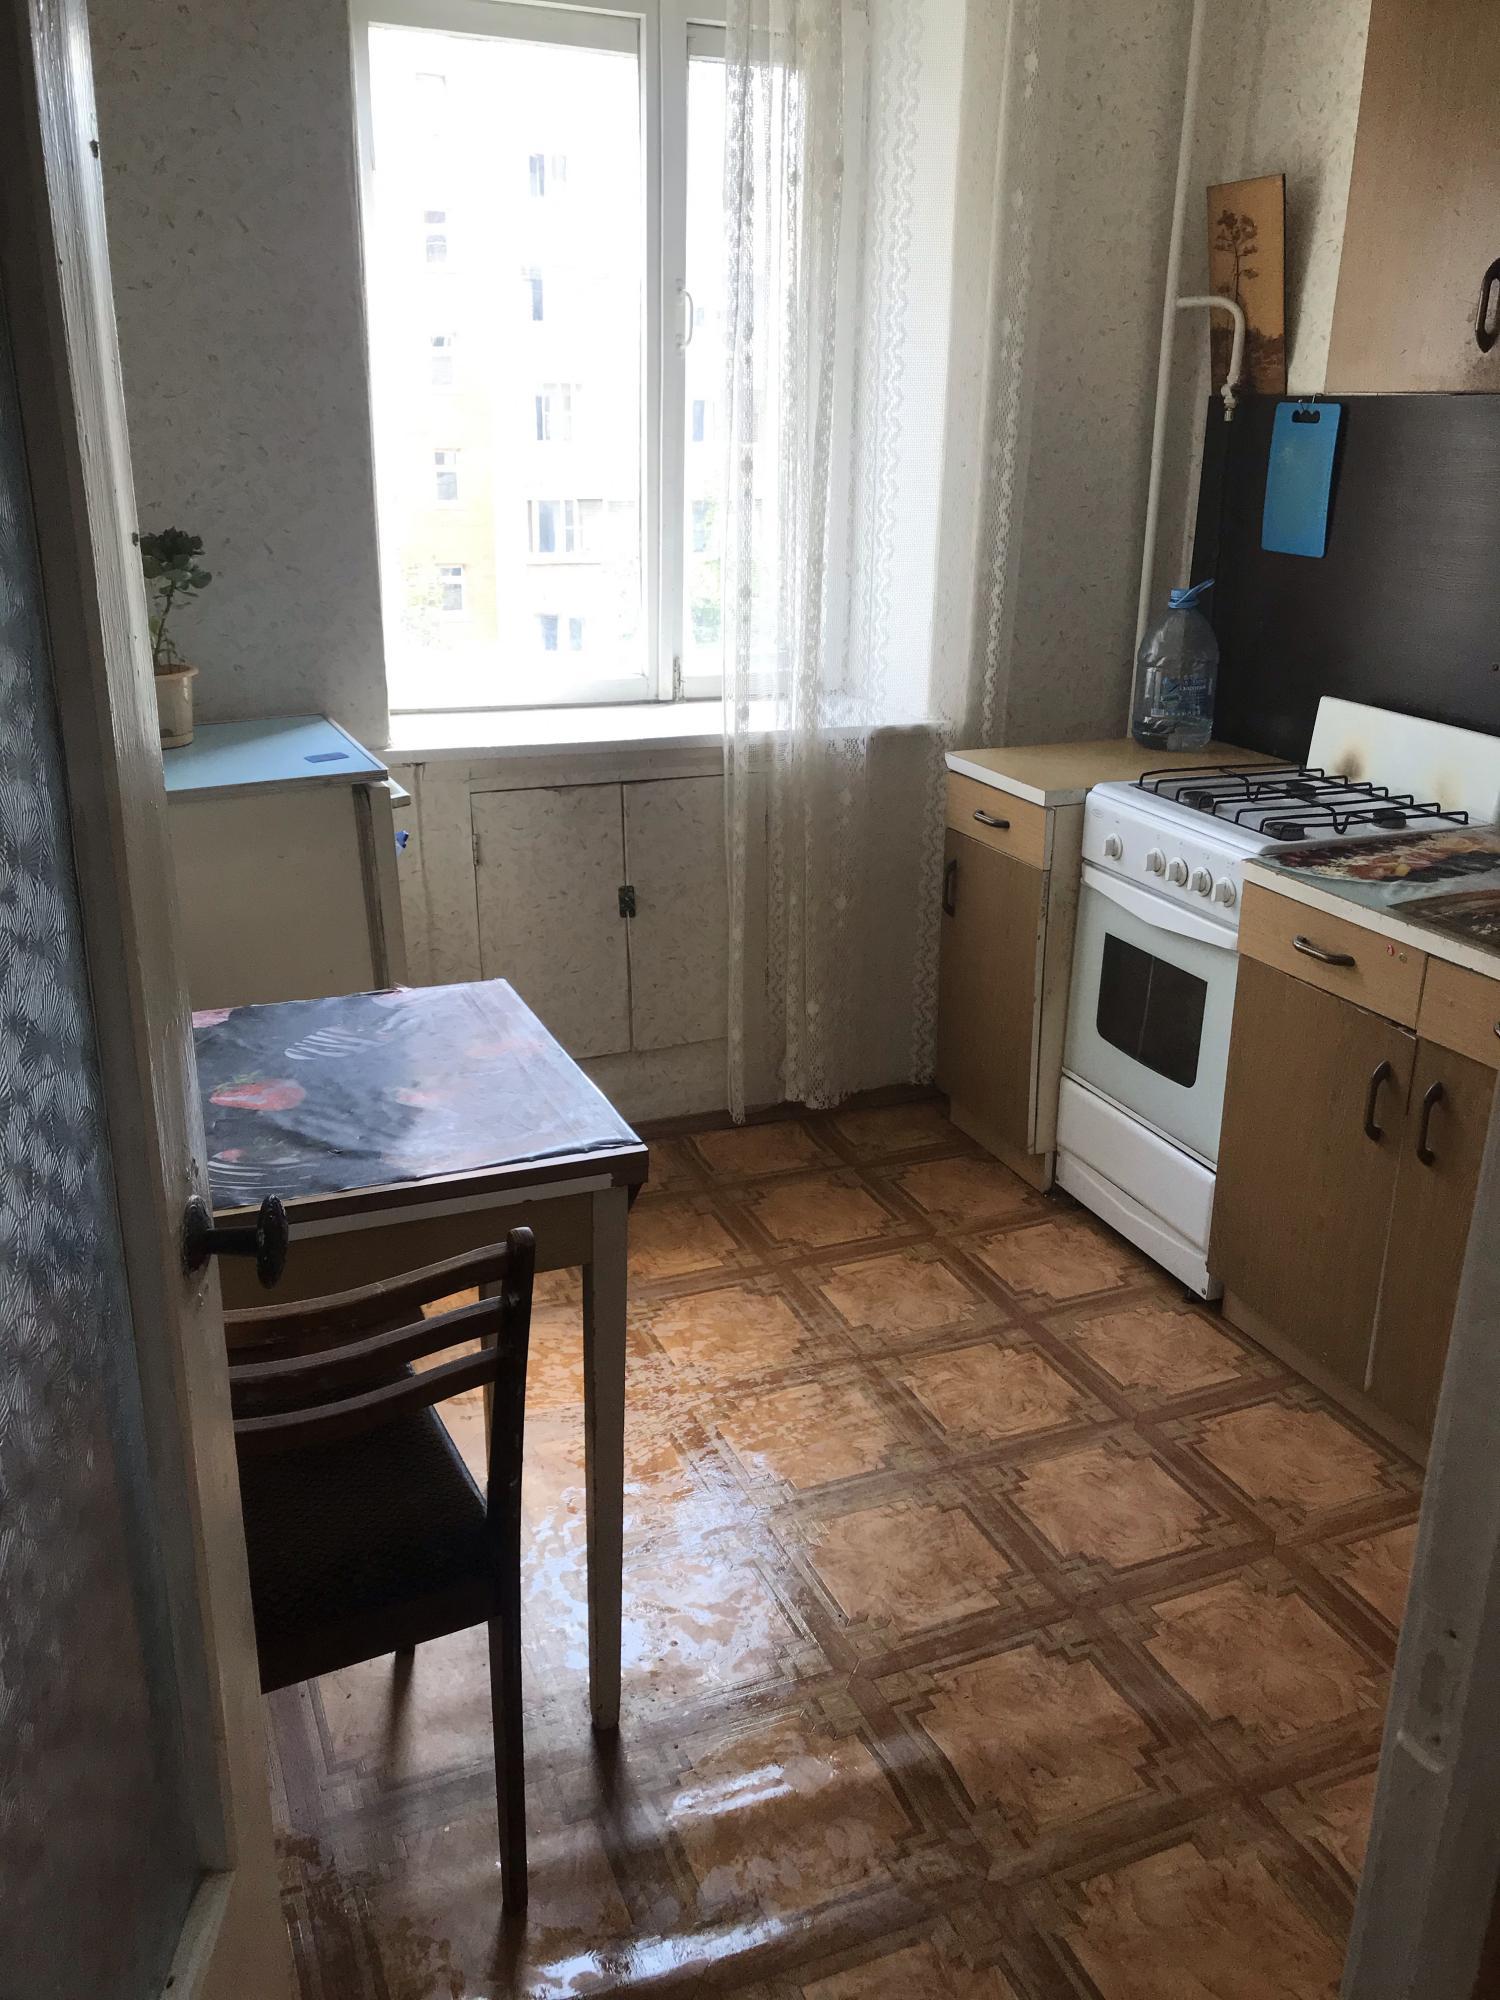 Квартира, 1 комната, 33 м² в Смоленске 89517109159 купить 4